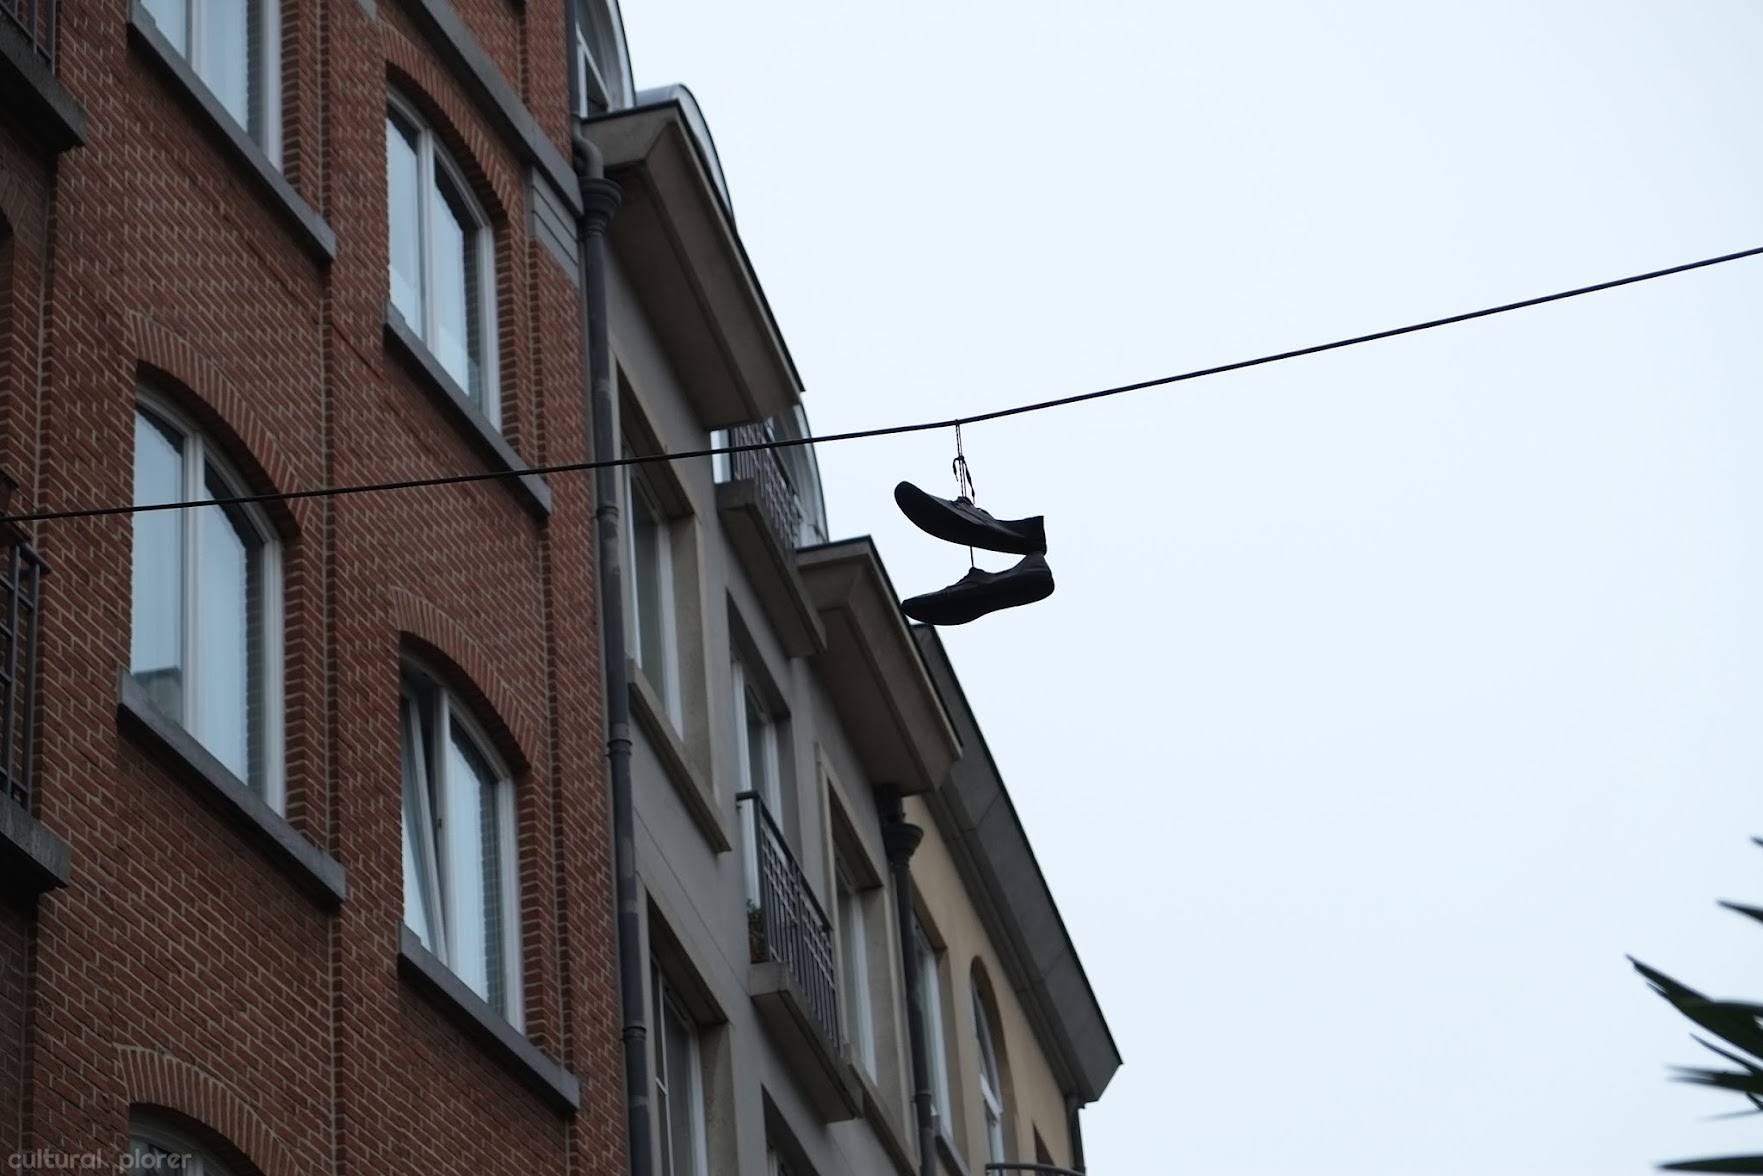 Shoefiti Street Art Brussels